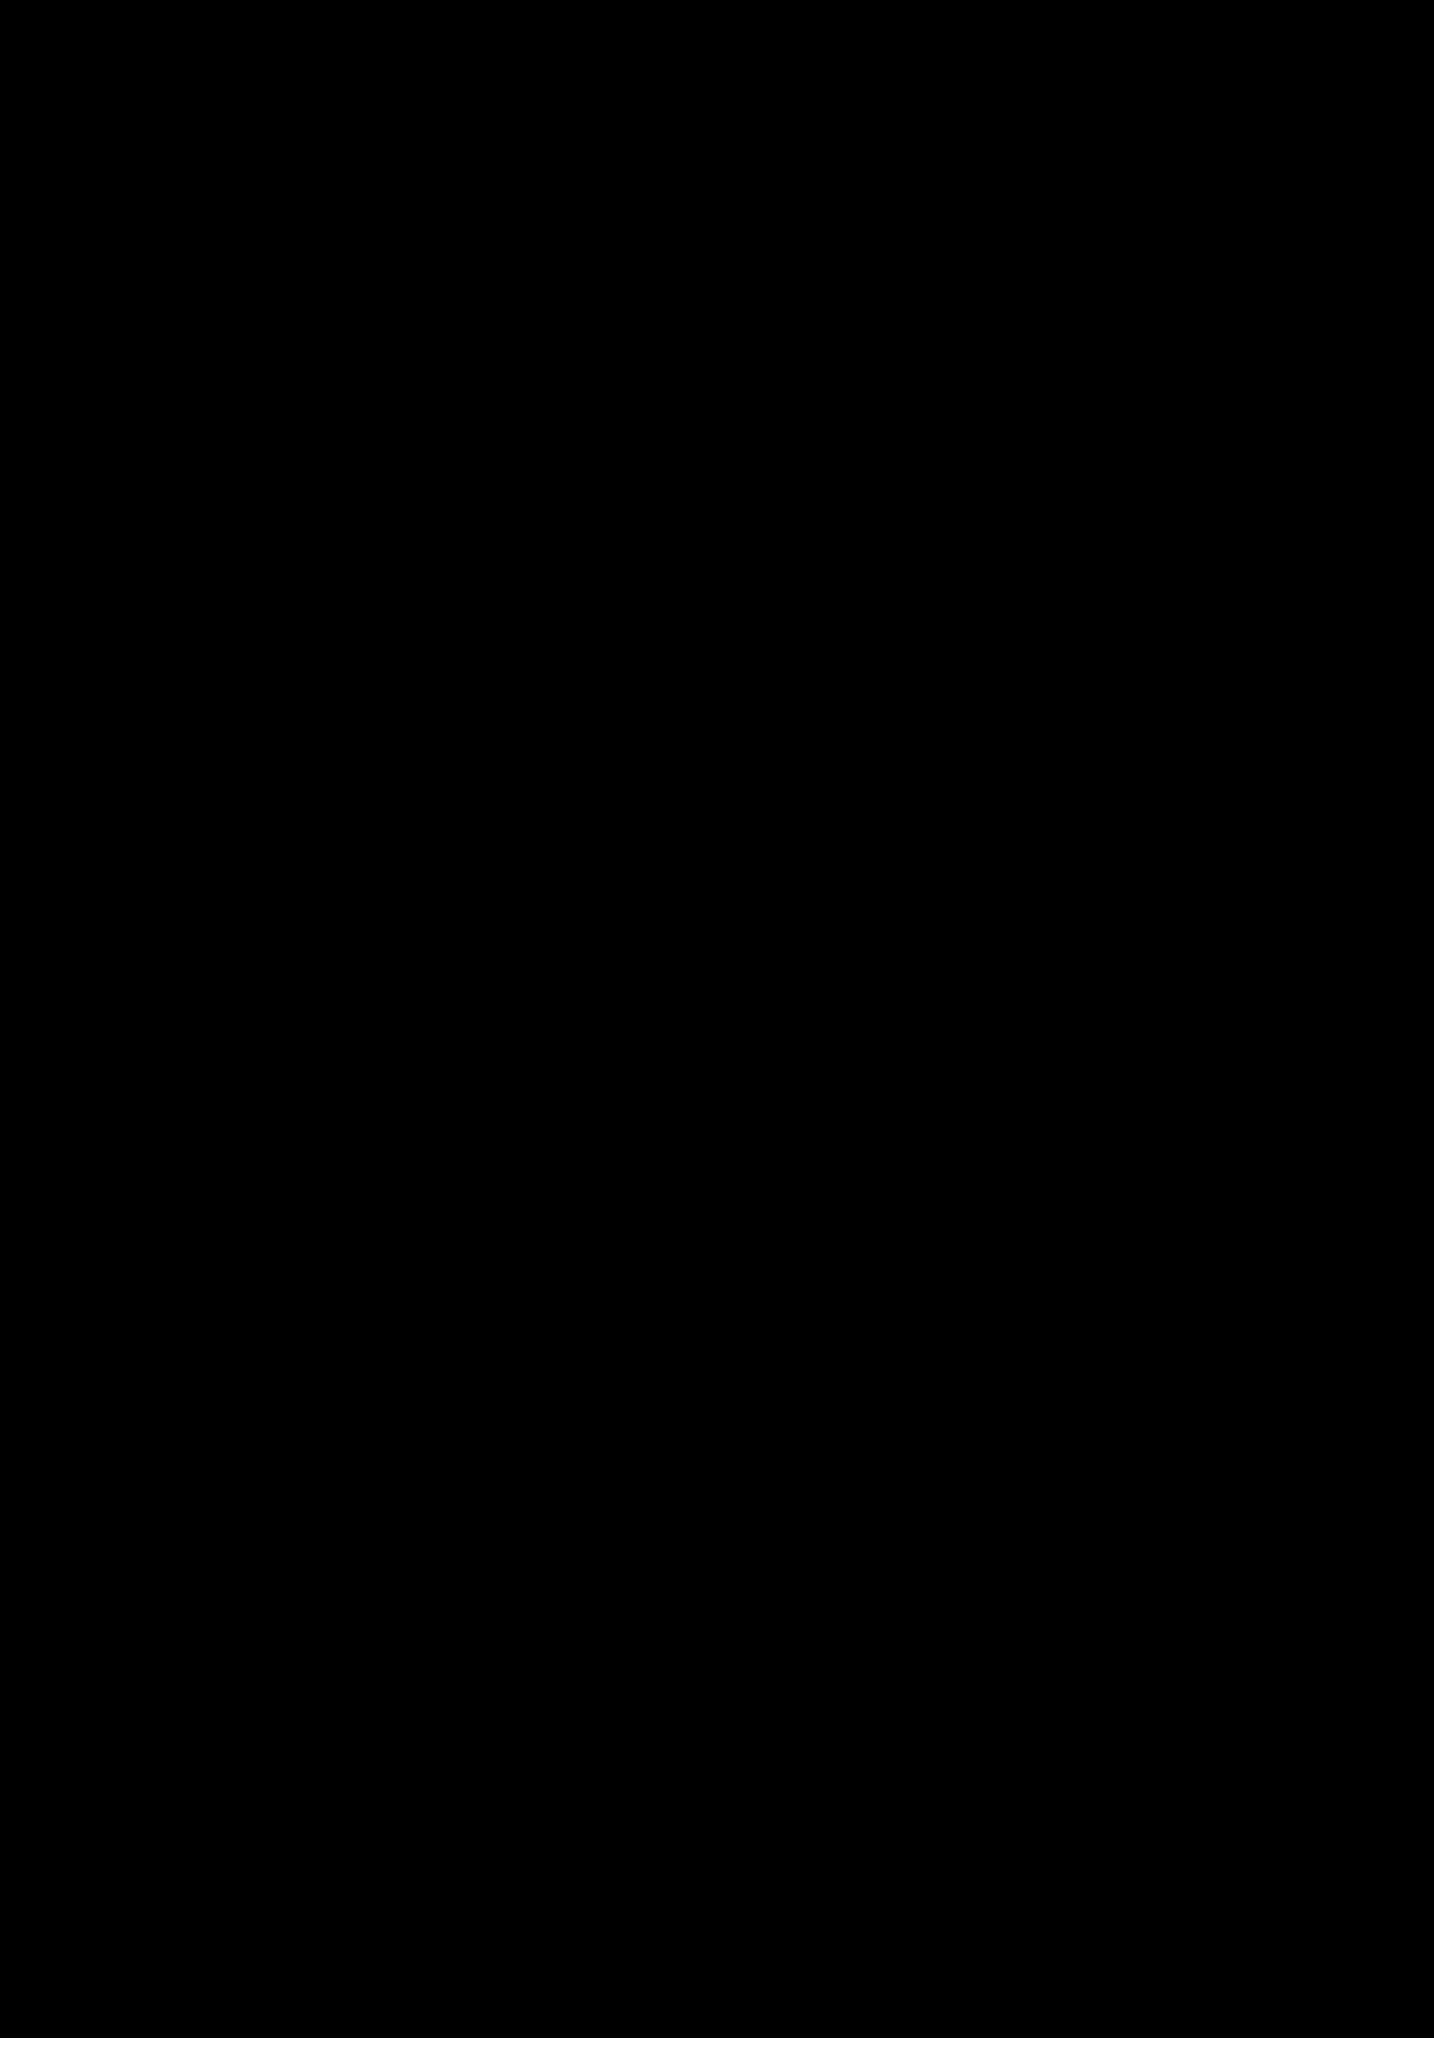 E3ca3a8c63a5612b4aa56d8f336d2447